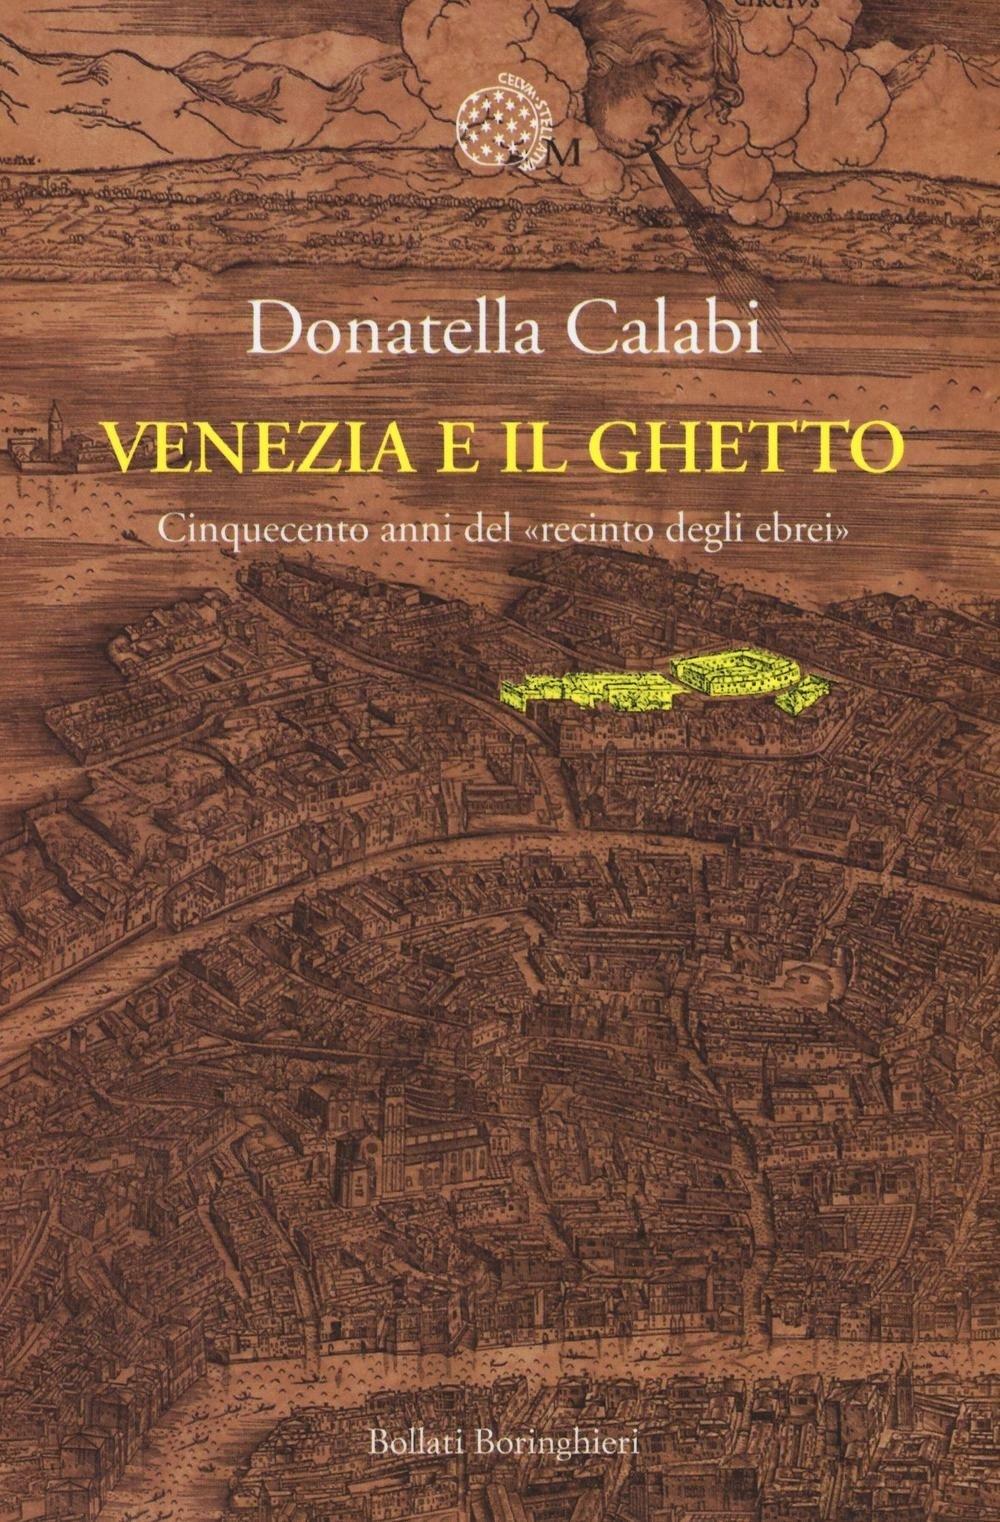 Venezia e il ghetto. Cinquecento anni del recinto degli ebrei.